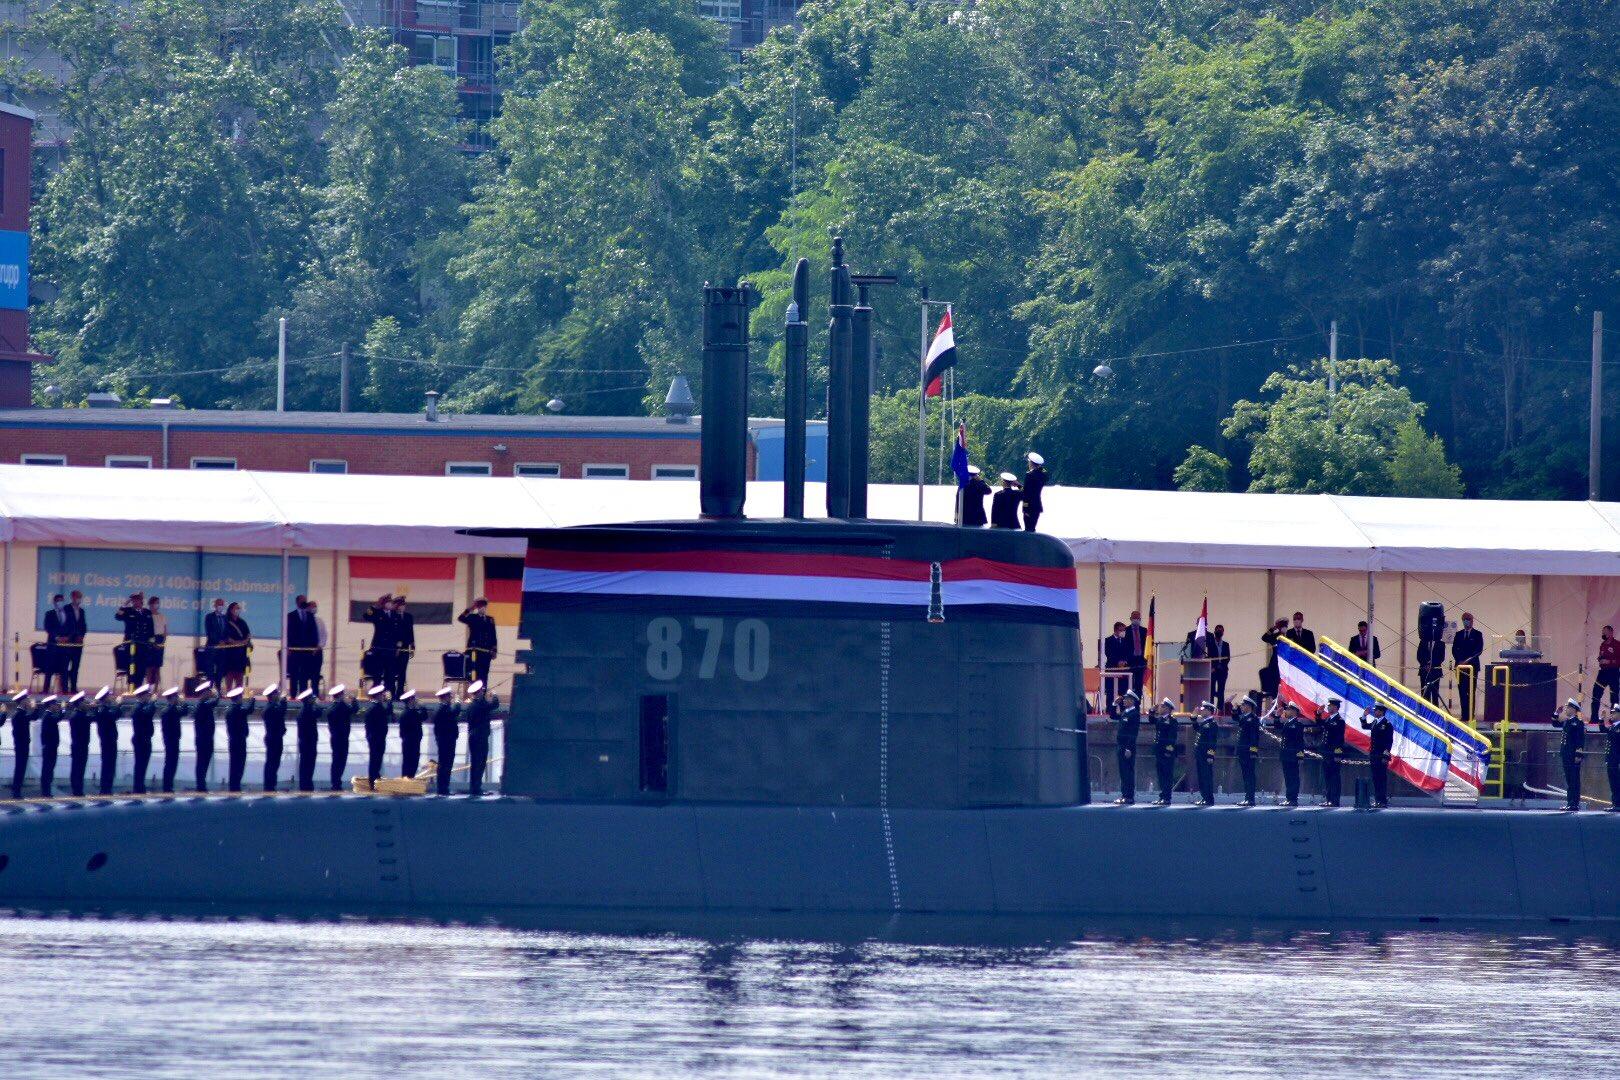 ألمانيا تنتهي من صنع الغواصة الرابعة من فئة تايب 209 الخاصة بالجيش المصري E52h7qtUUAIIwLl?format=jpg&name=large